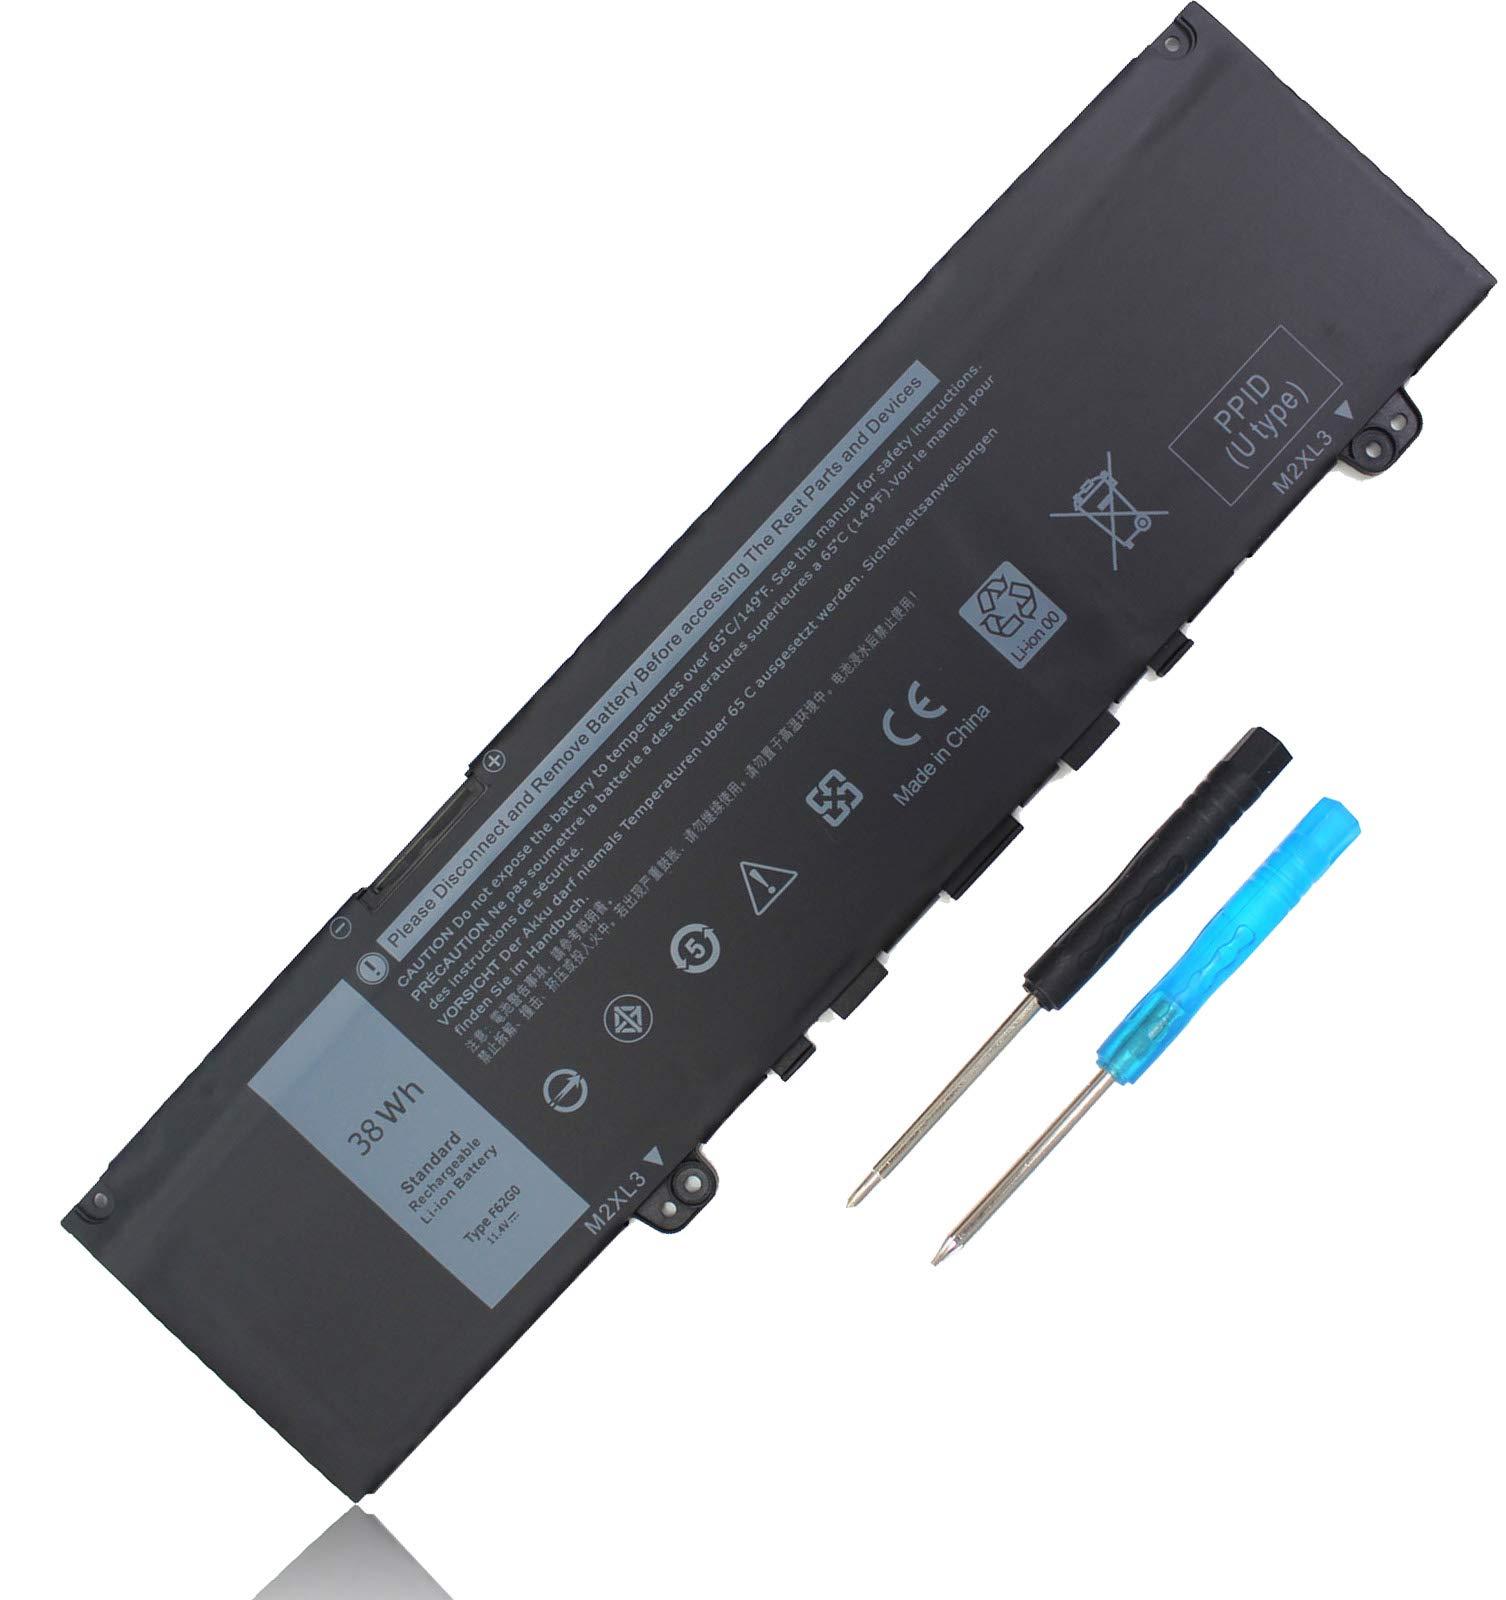 Bateria 38WH F62G0 para Dell Inspiron 13 7000 2-in-1 7373 L7